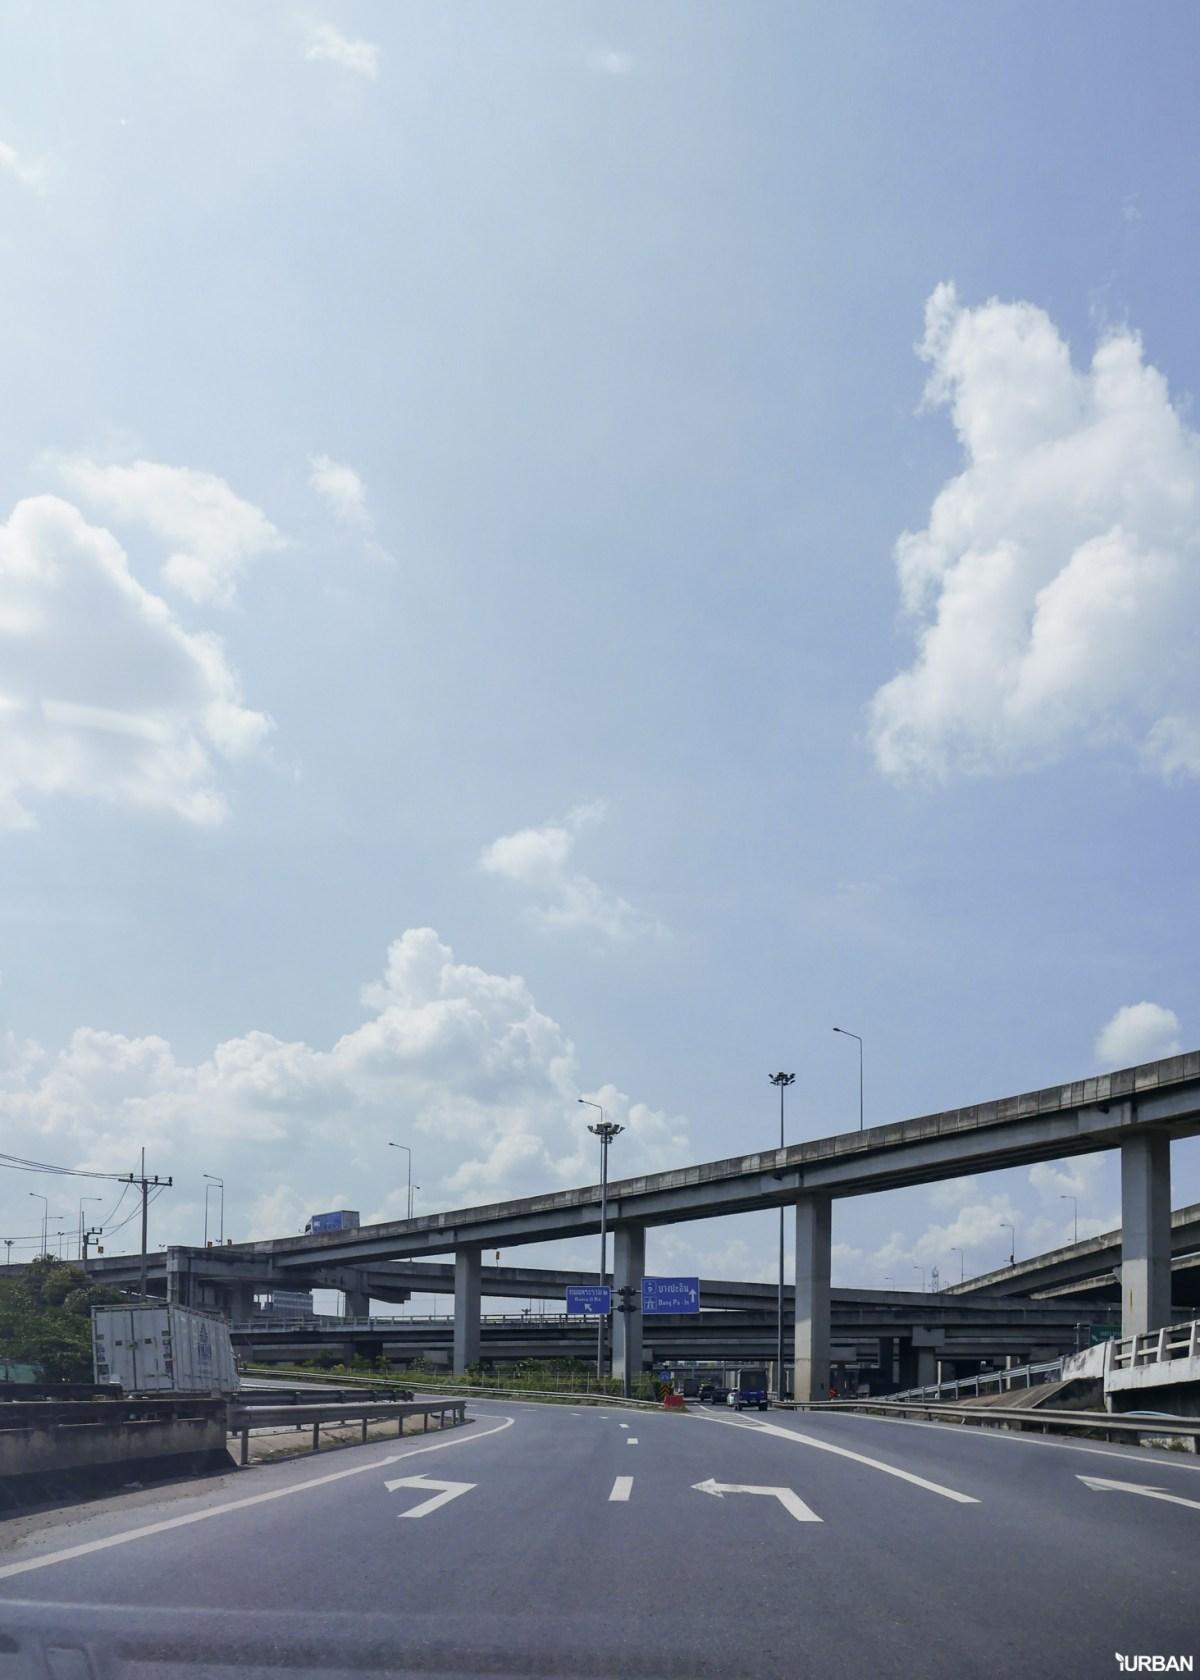 รีวิว The Trust @Erawan คอนโดวิวแม่น้ำ / 1 ก้าวถึง BTS / 700 เมตรทางด่วน / ส่วนกลางใหญ่ 19 - Premium